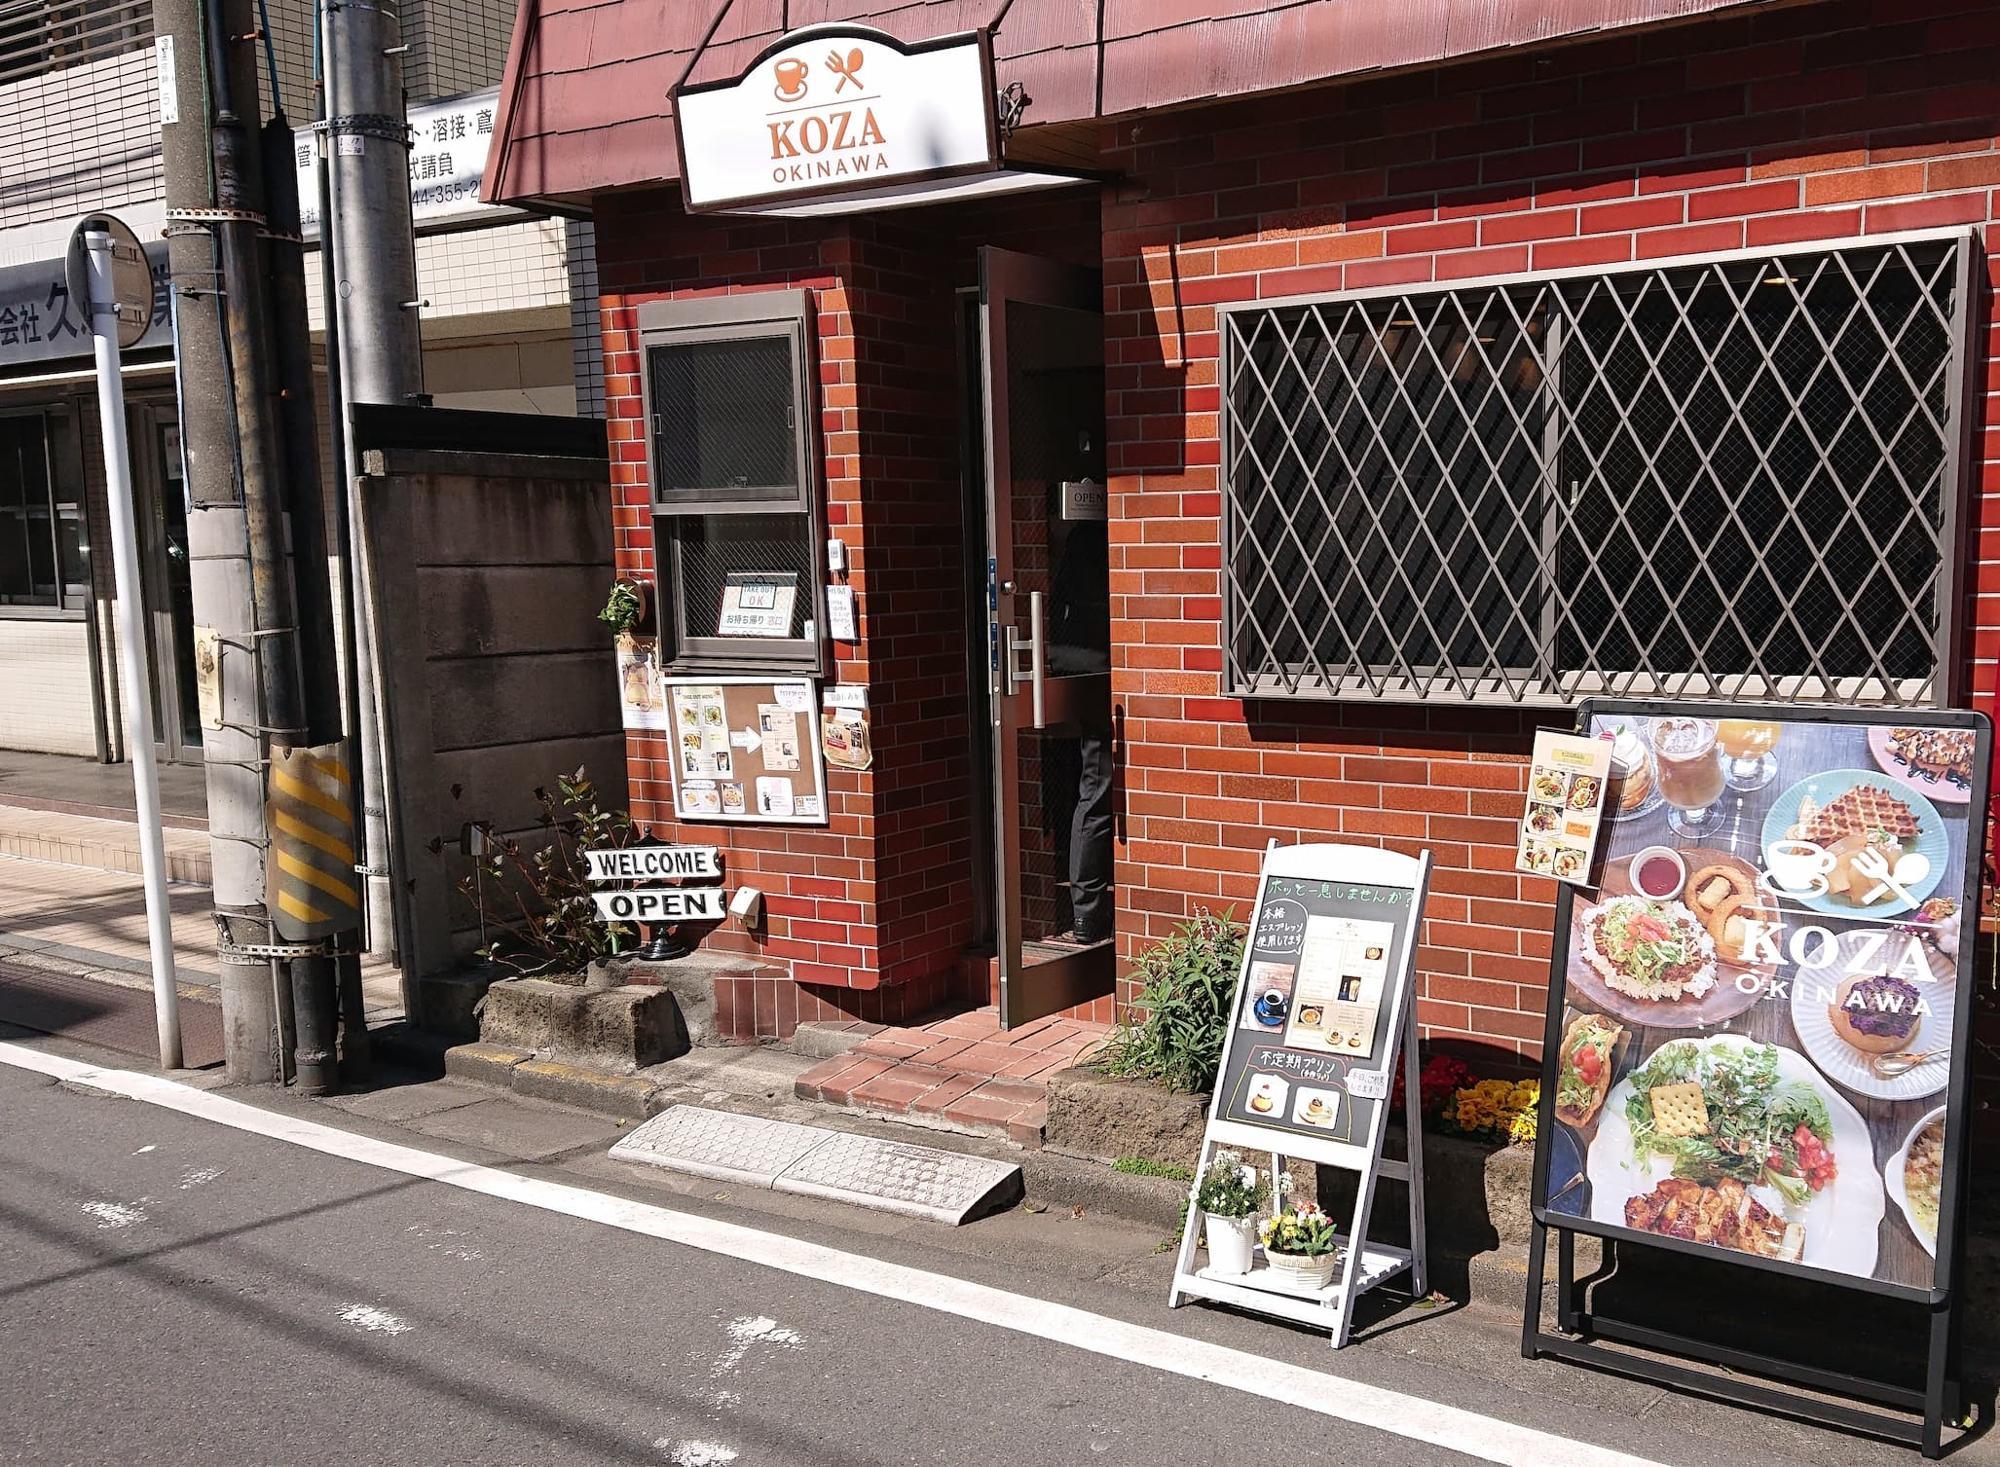 京町交差点のすぐ近く、ベビーカーのお客さんも多いそう